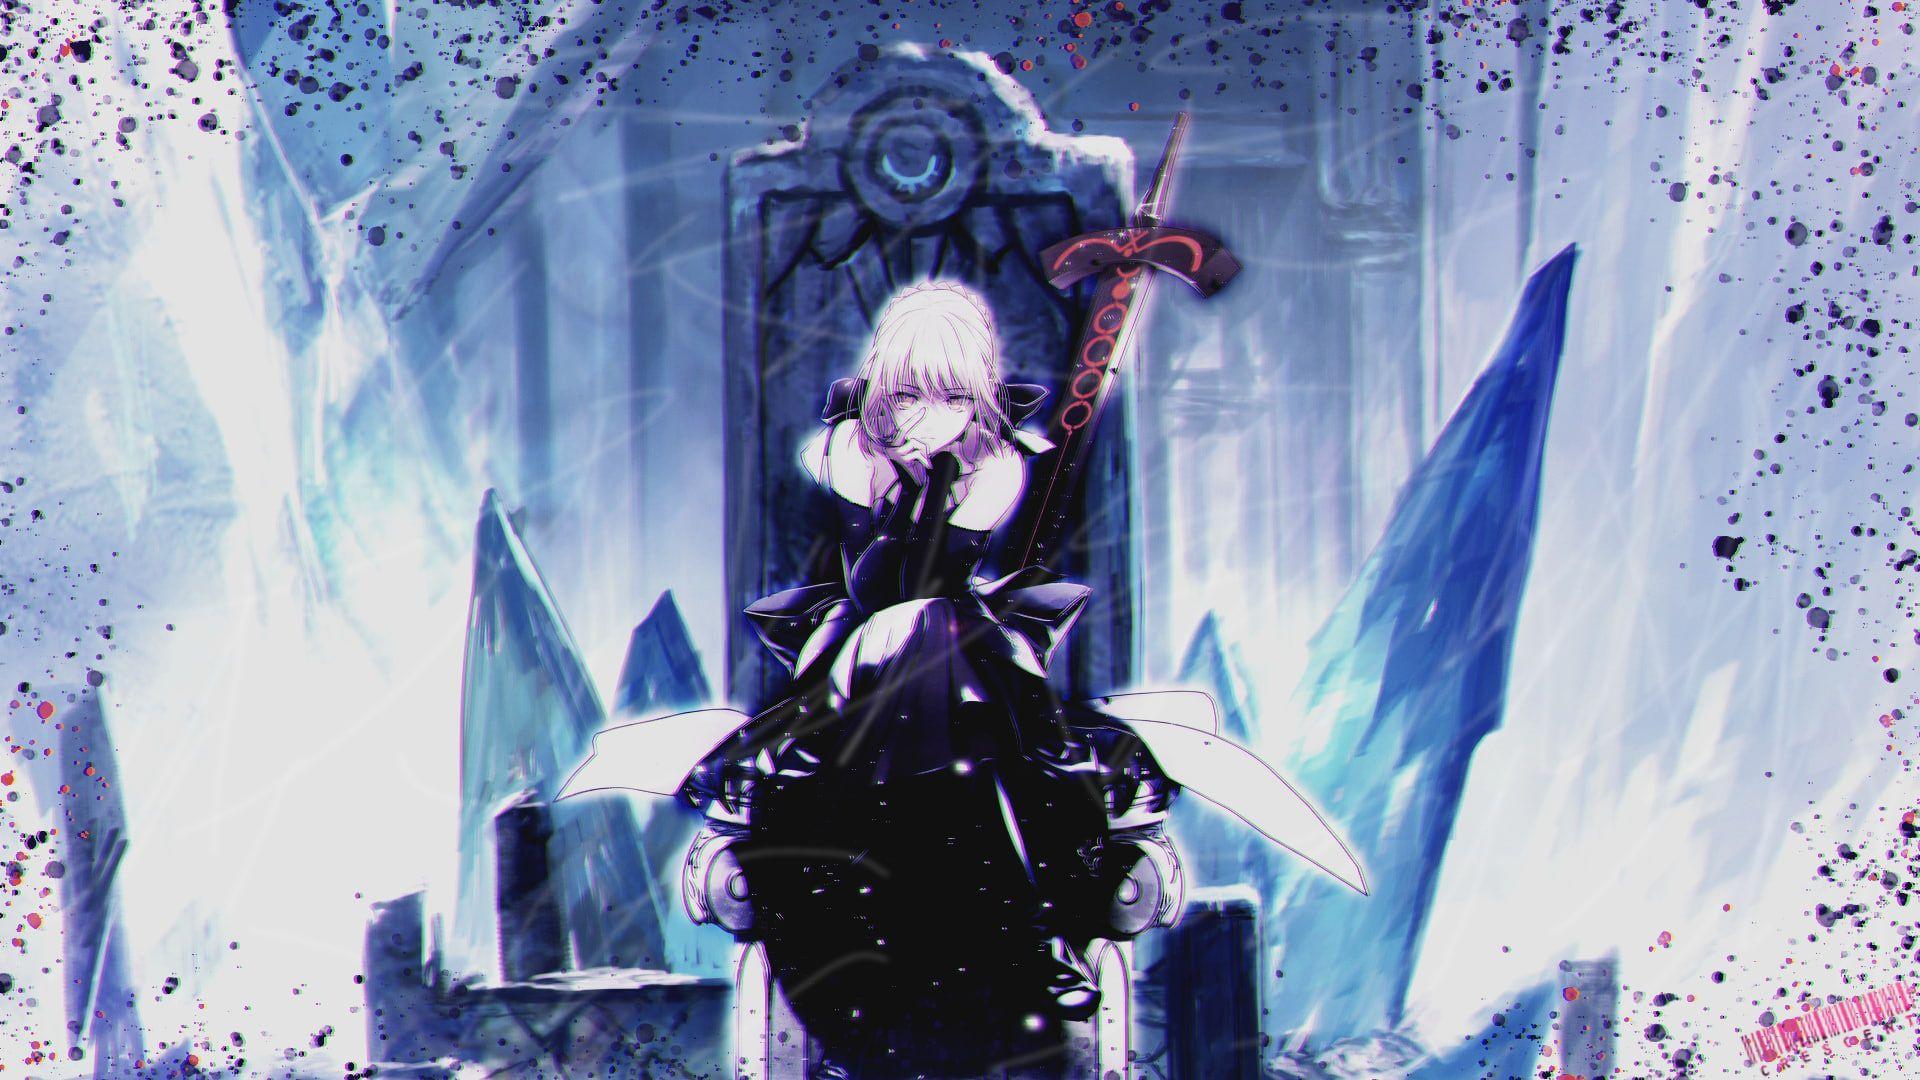 Saber Fate/Grand Order Saber Alter 1080P wallpaper